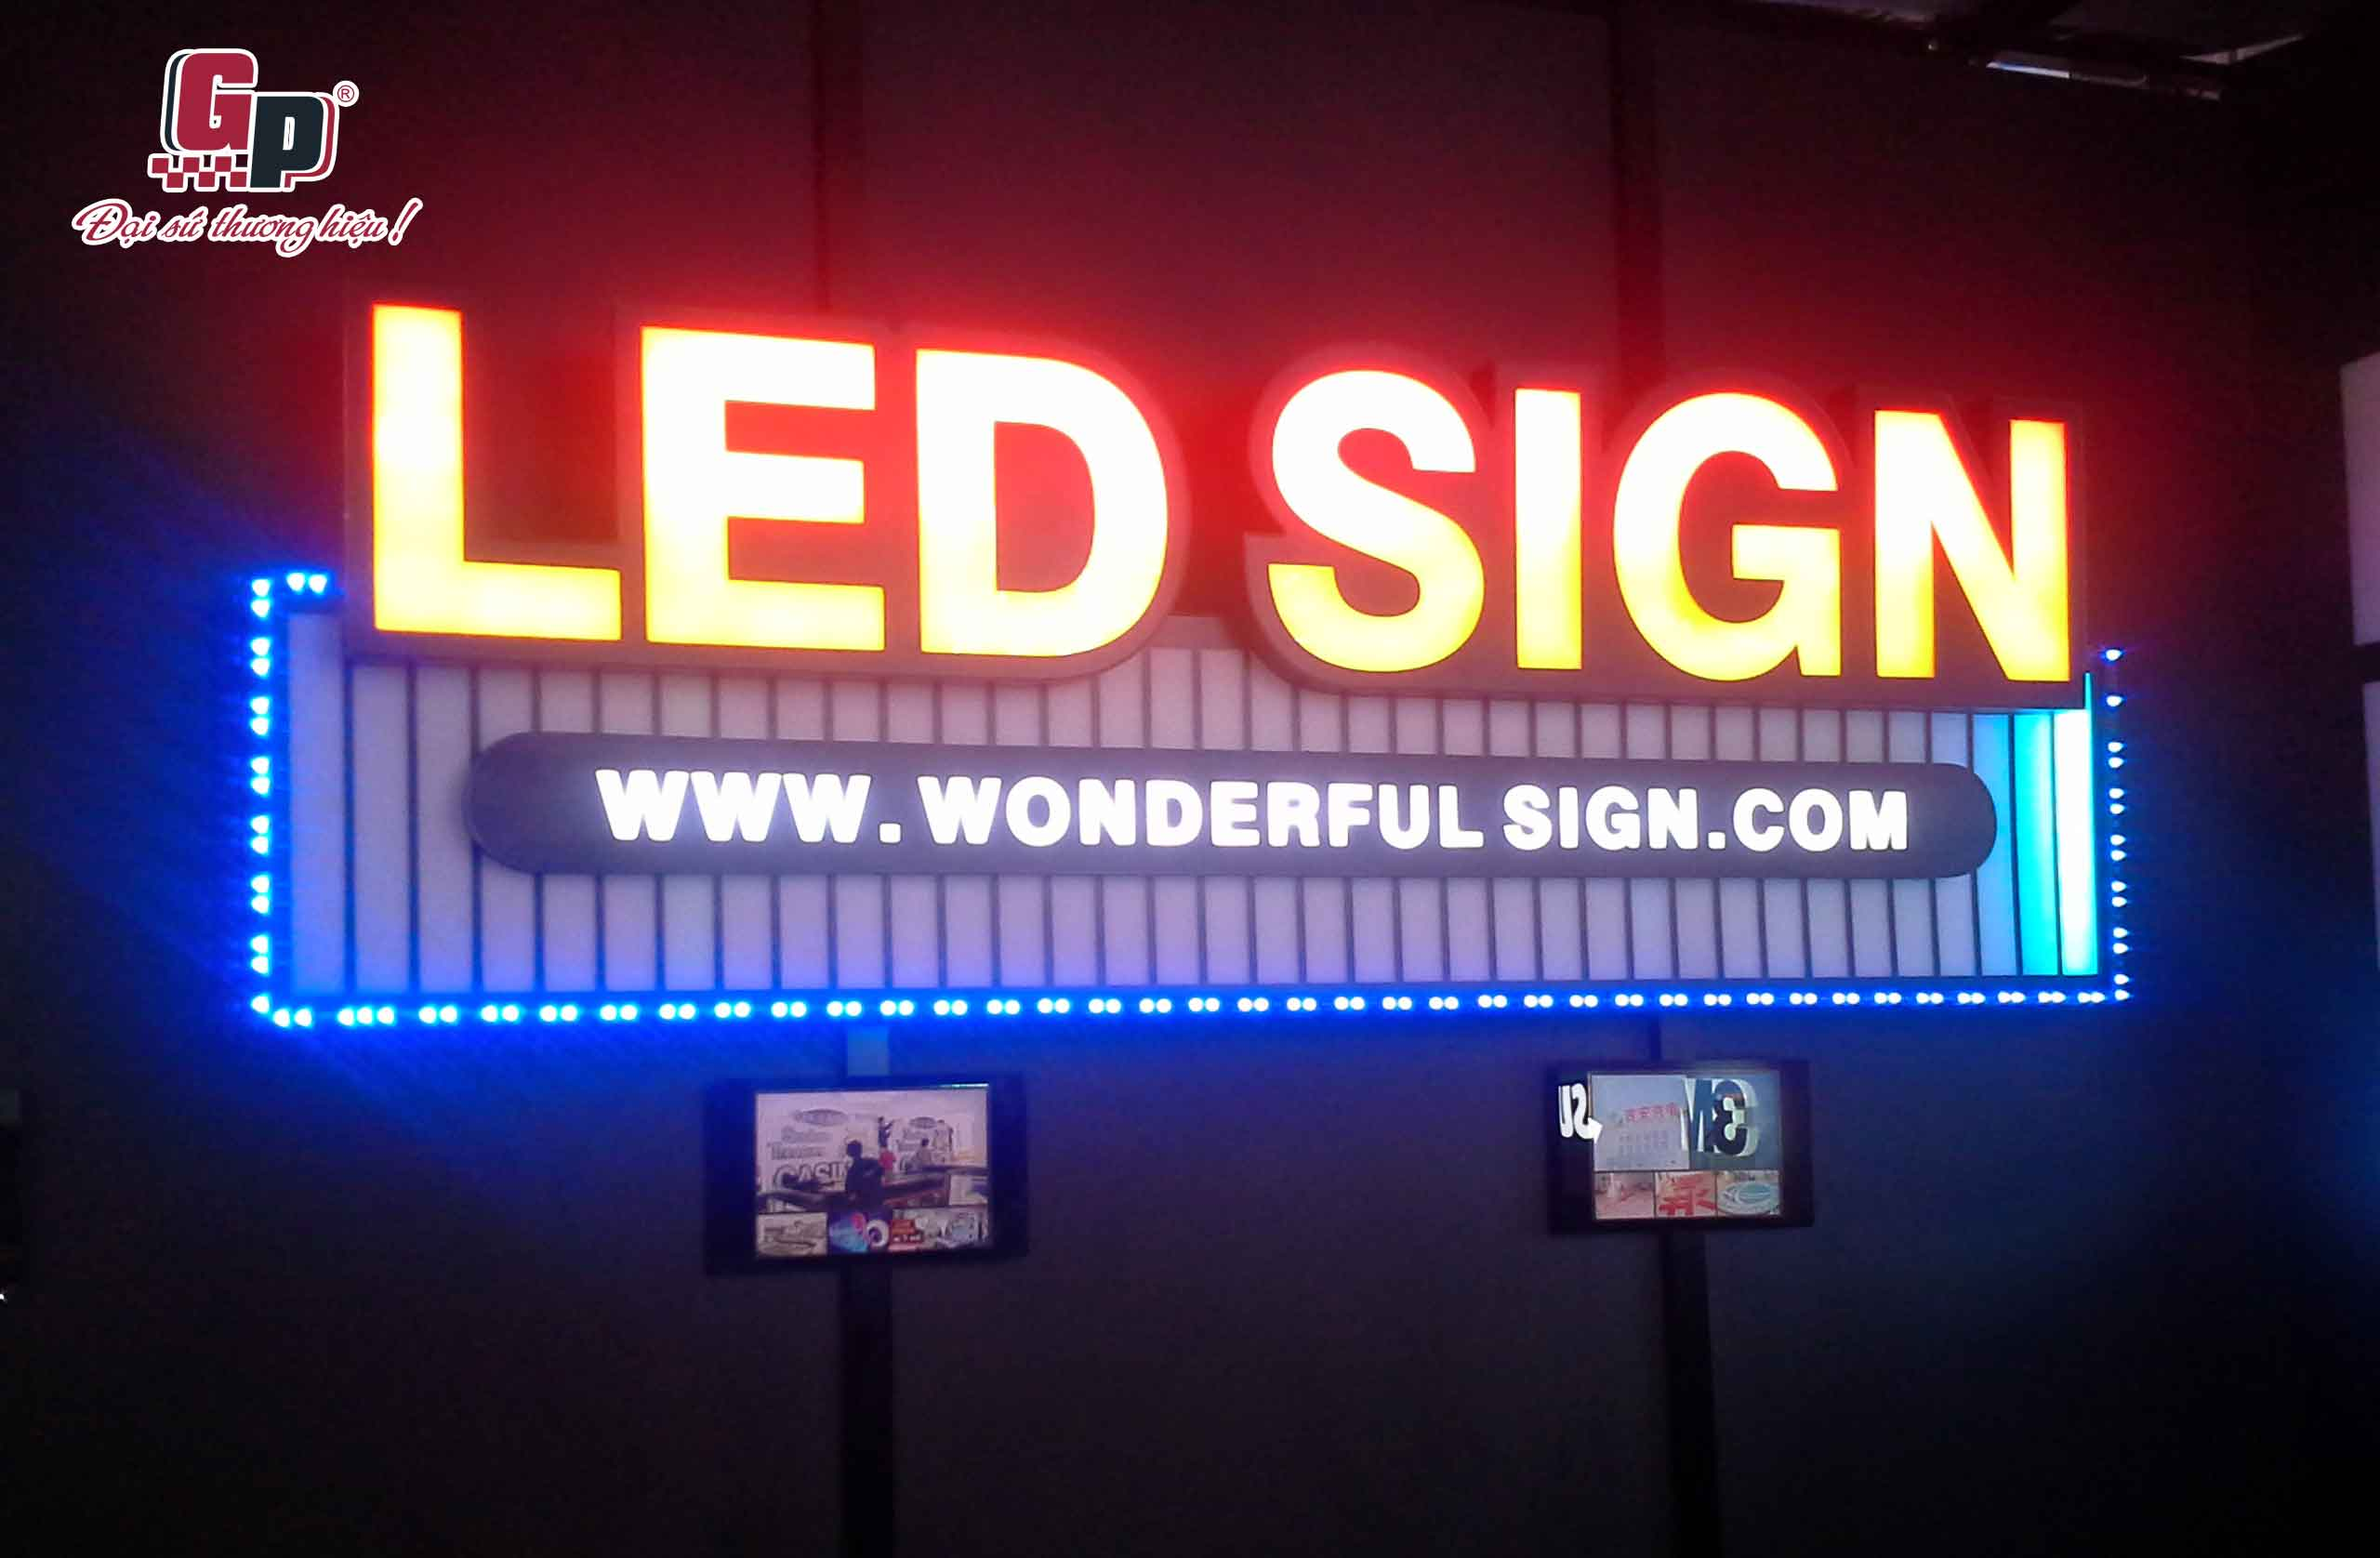 bật đèn quảng cáo tự động khi trời tối